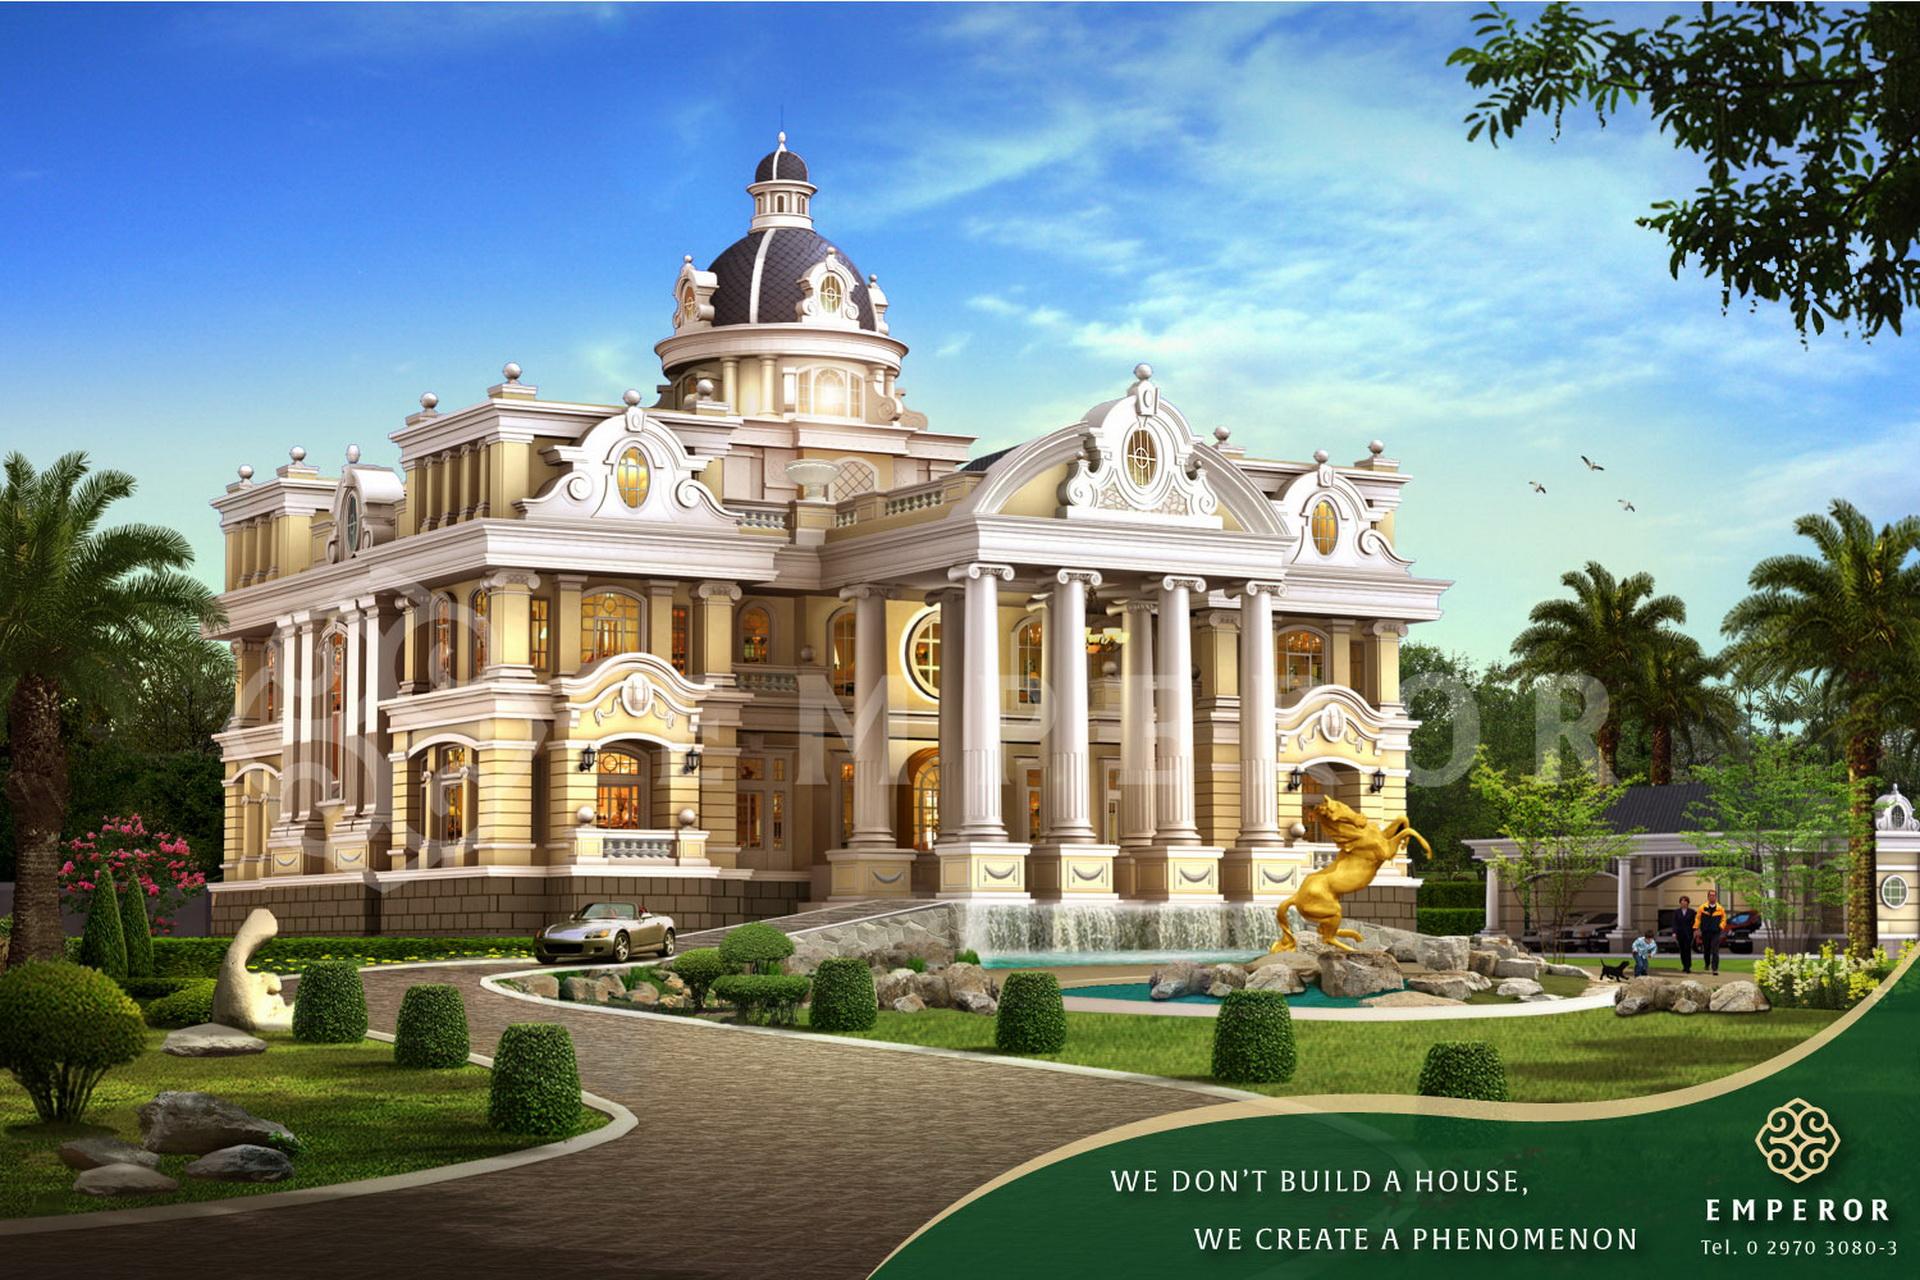 Palacio de la Polar